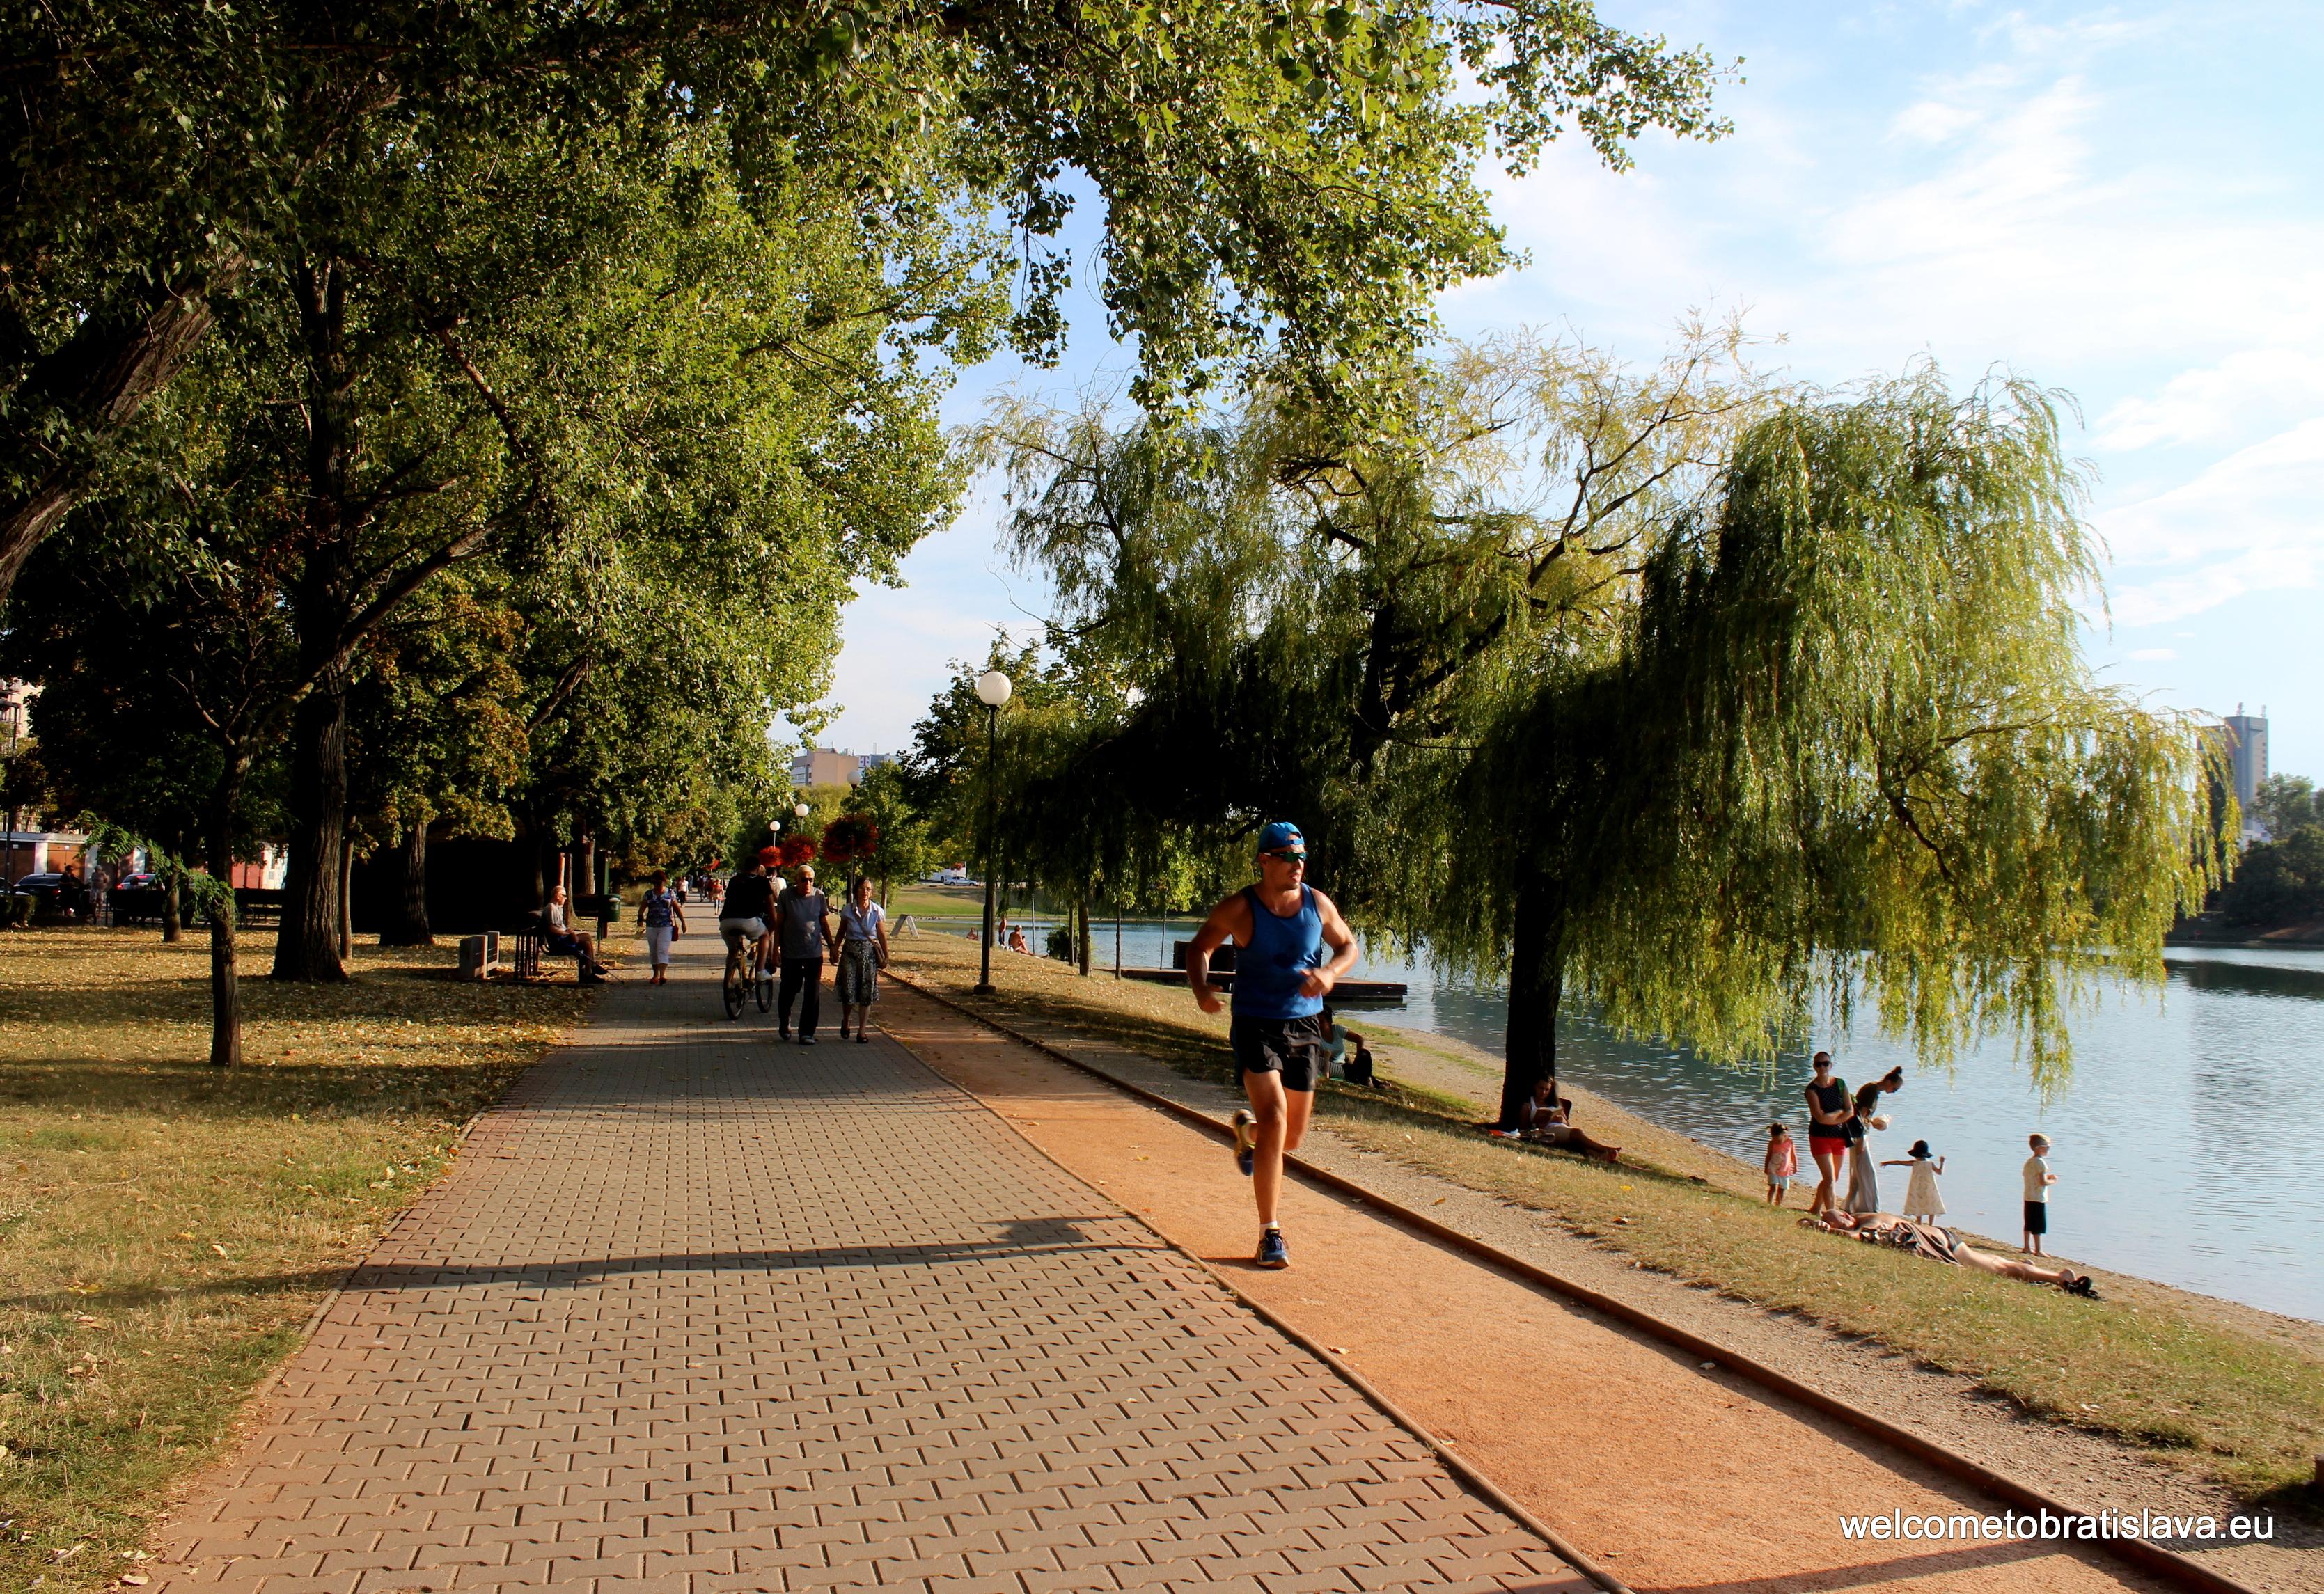 Strkovec lake